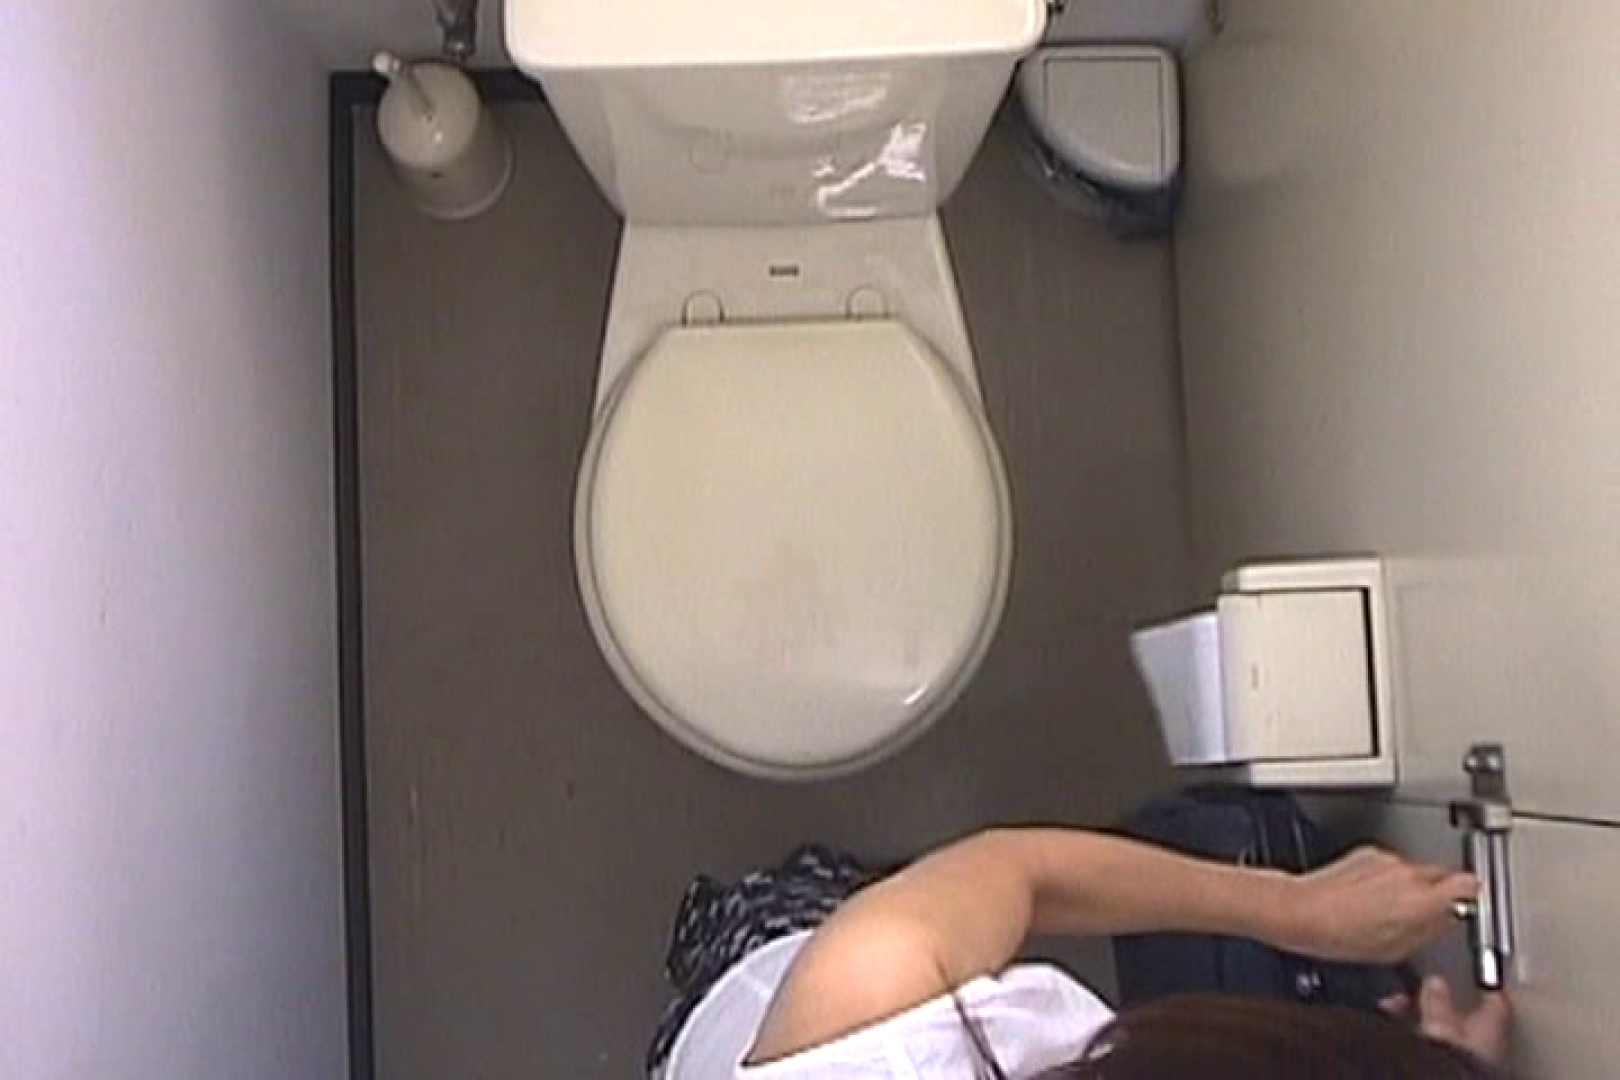 雑居ビル洗面所オナニーVol.2 洗面所はめどり ワレメ動画紹介 97画像 80